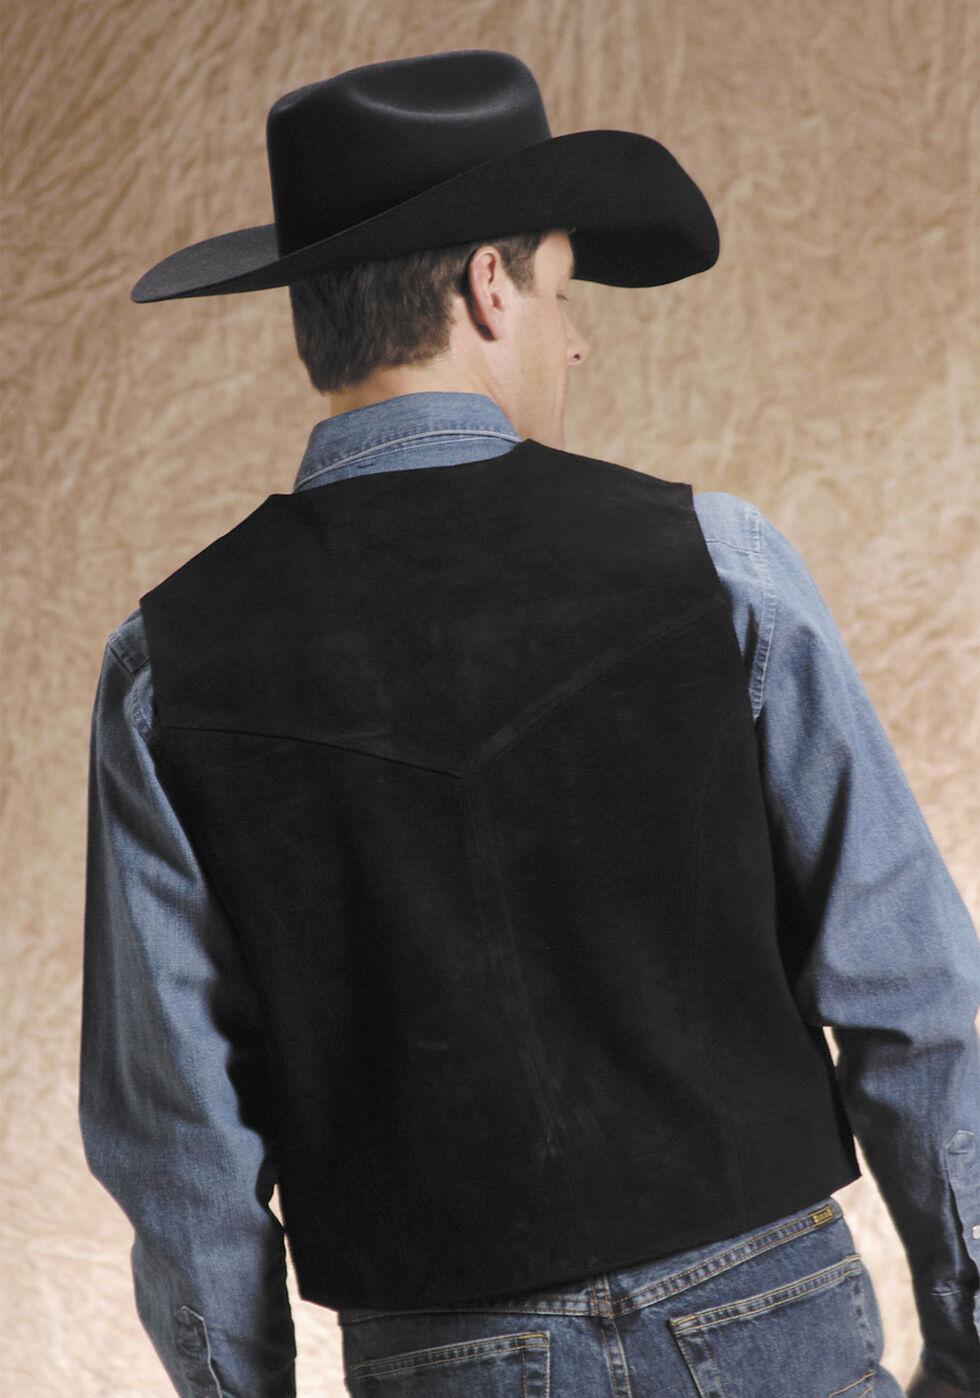 Roper Suede Vest - Big and Tall, Black, hi-res